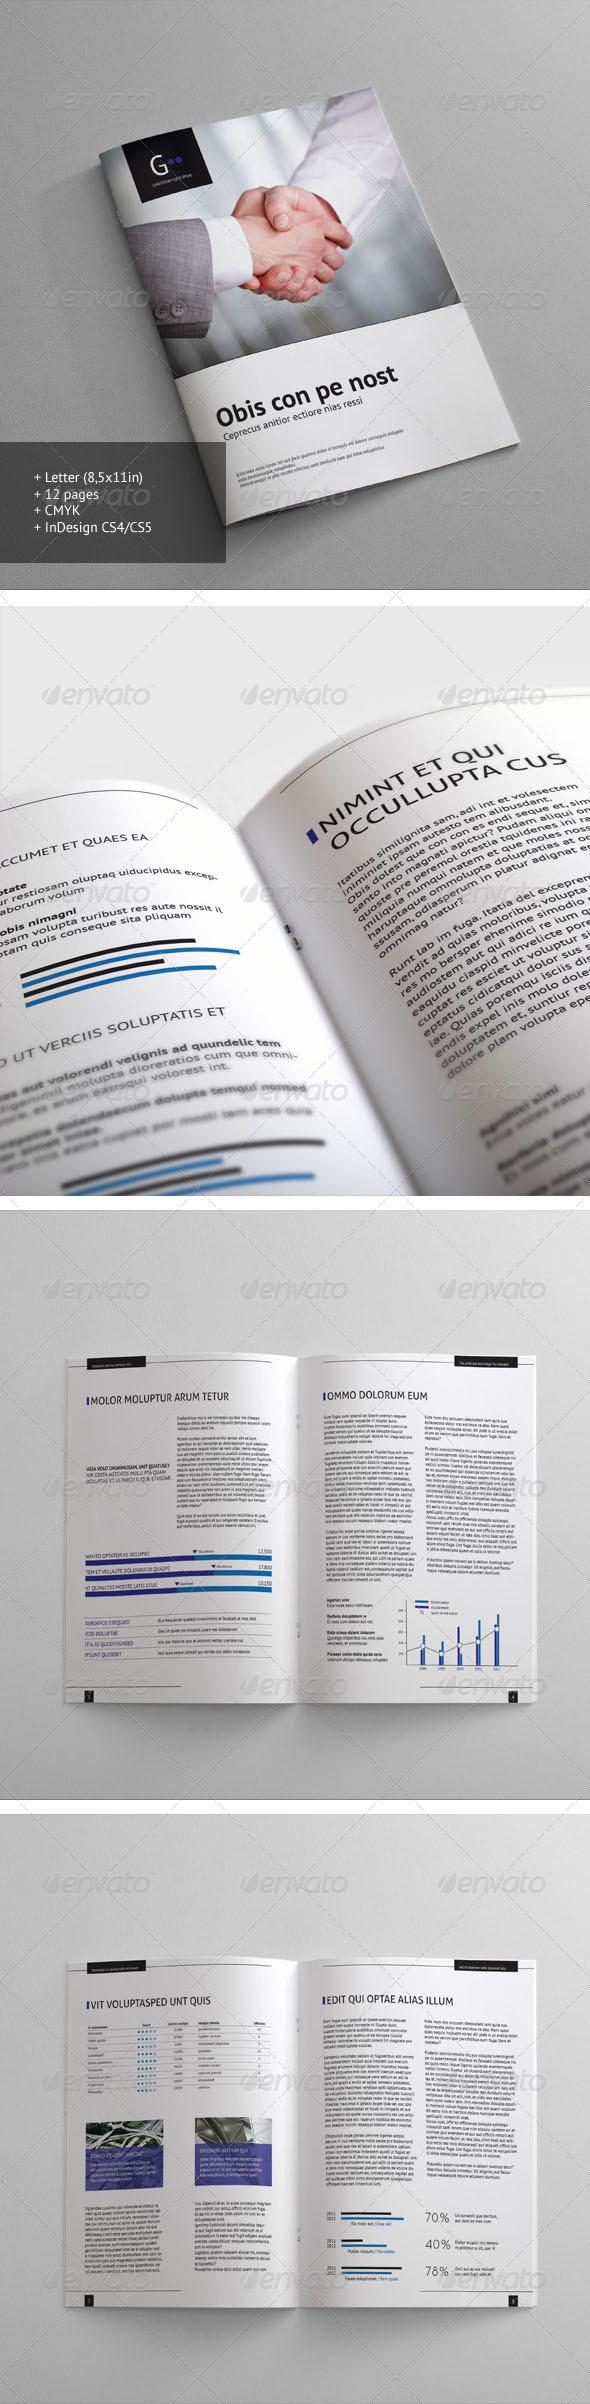 Corporate Brochure 20 - Corporate Brochures